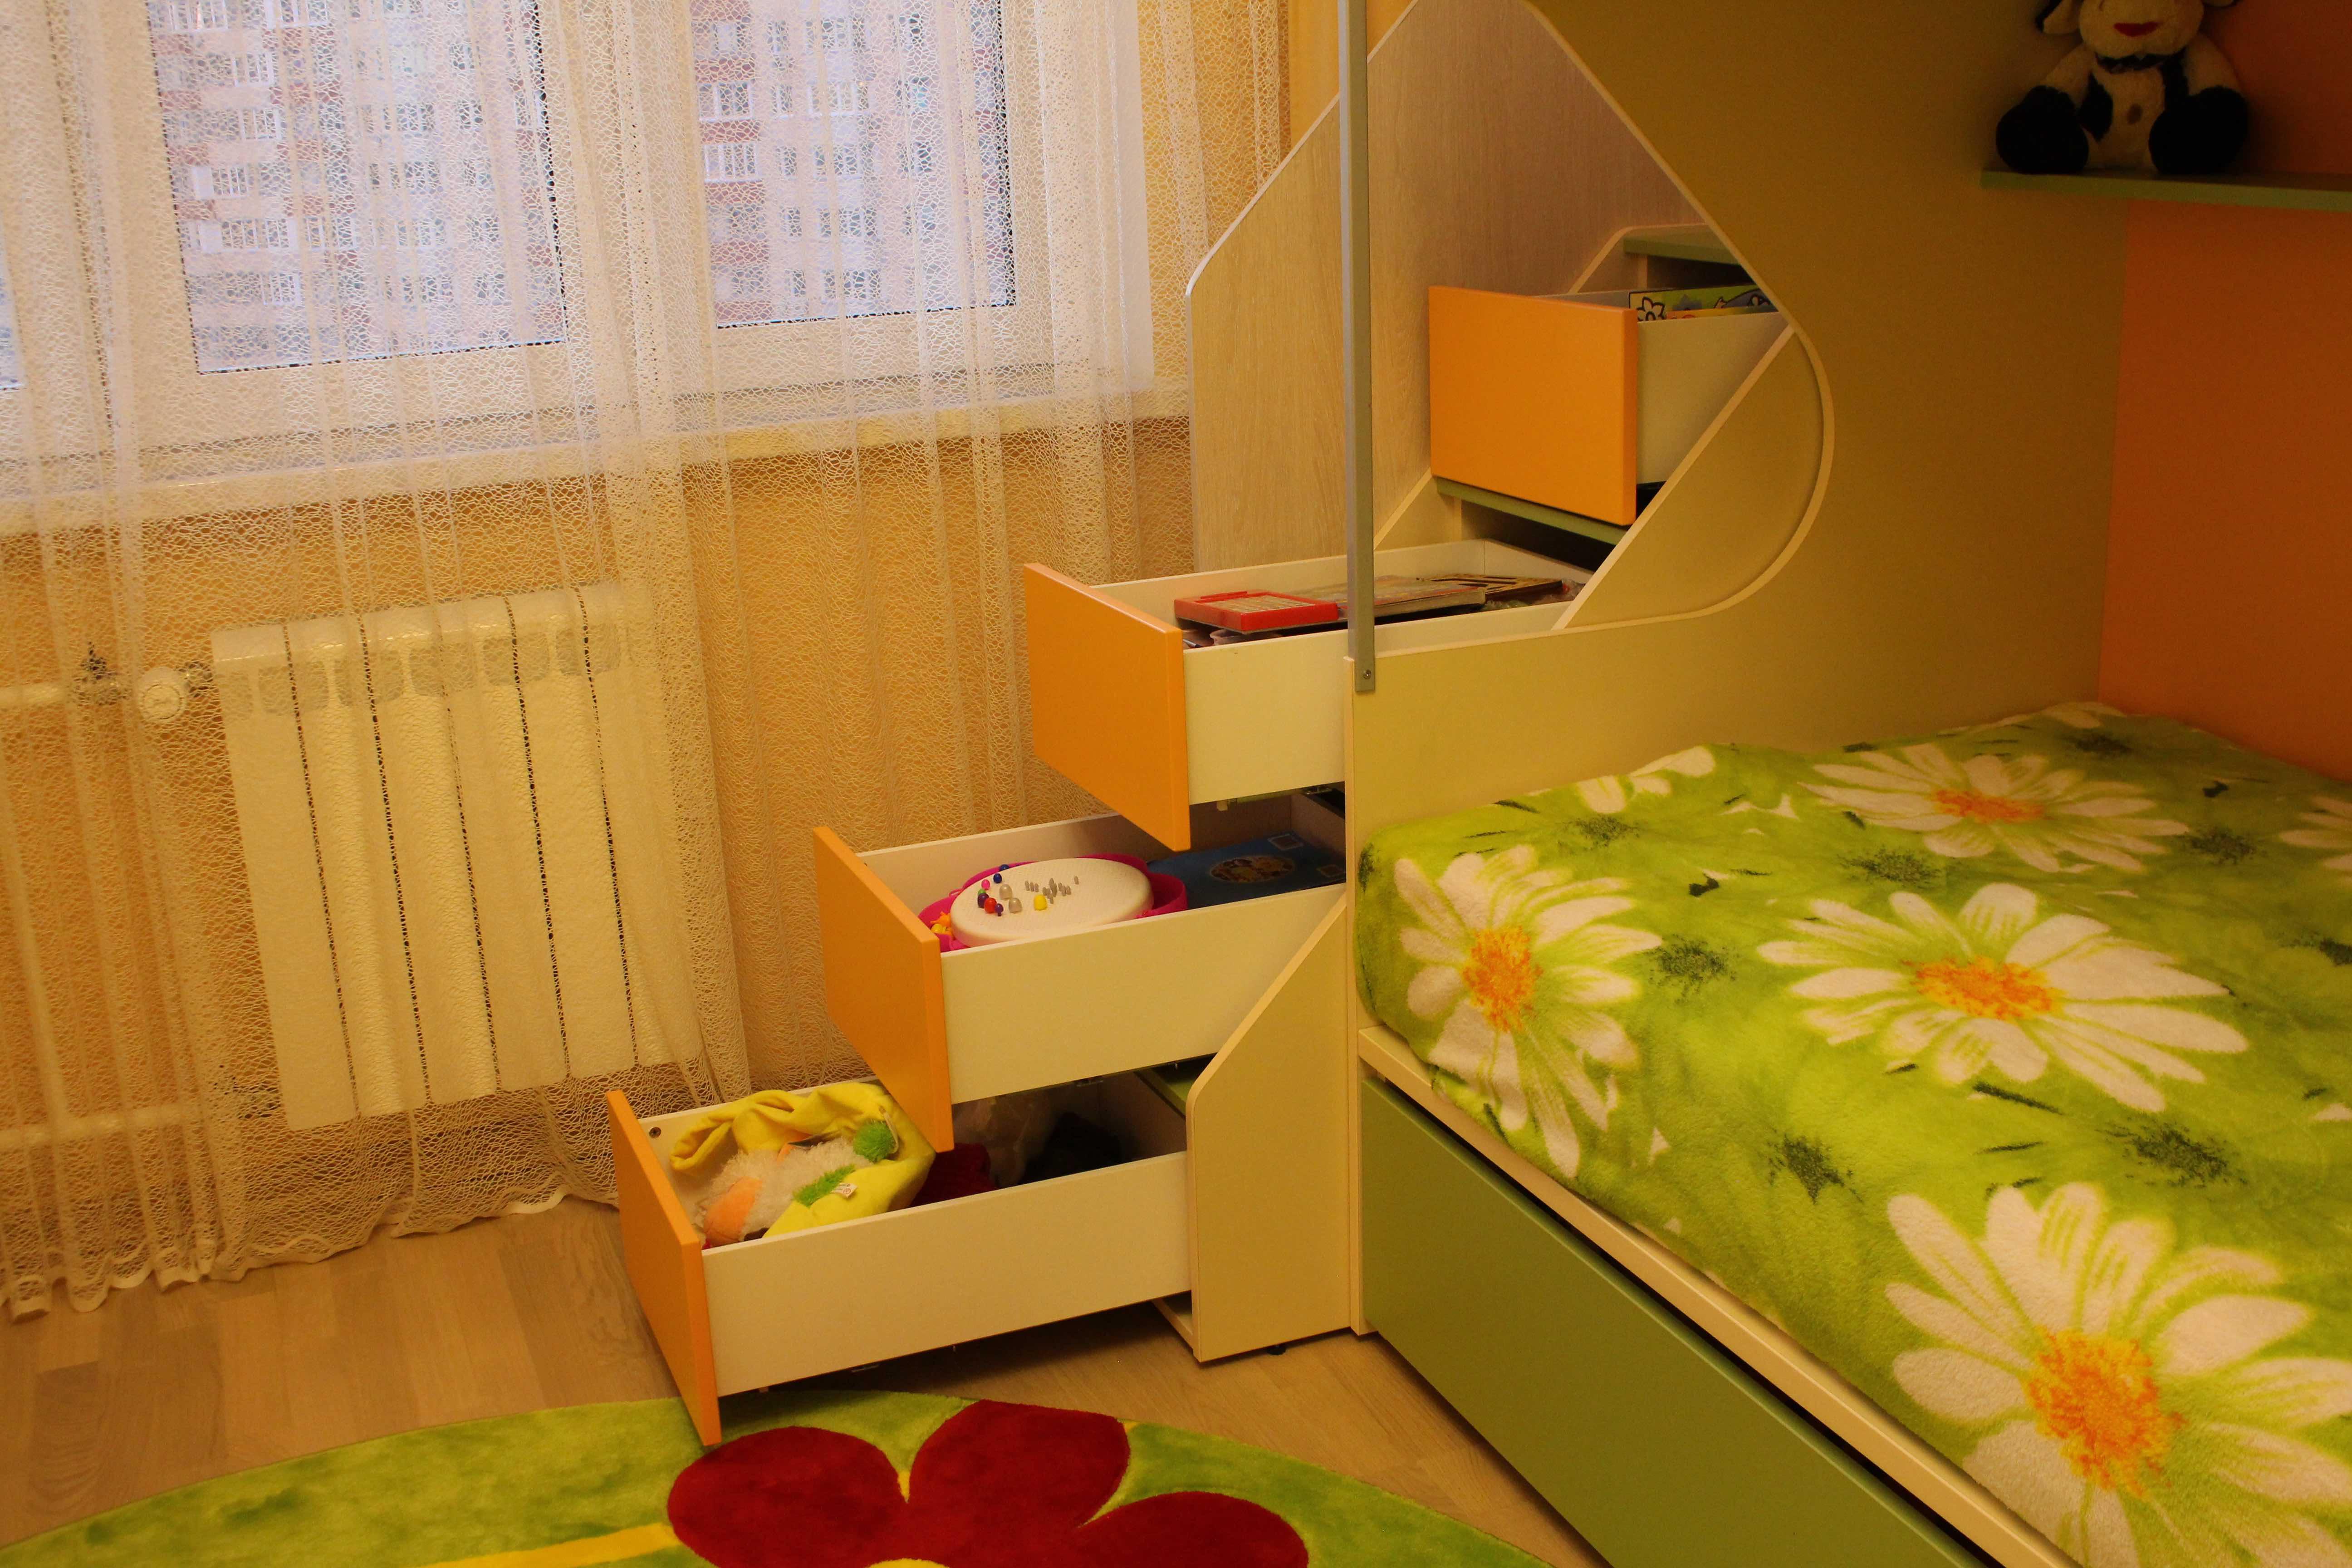 Детская мебель в интерьере - серия Силуэт Софтформ ящики внутри ступенек